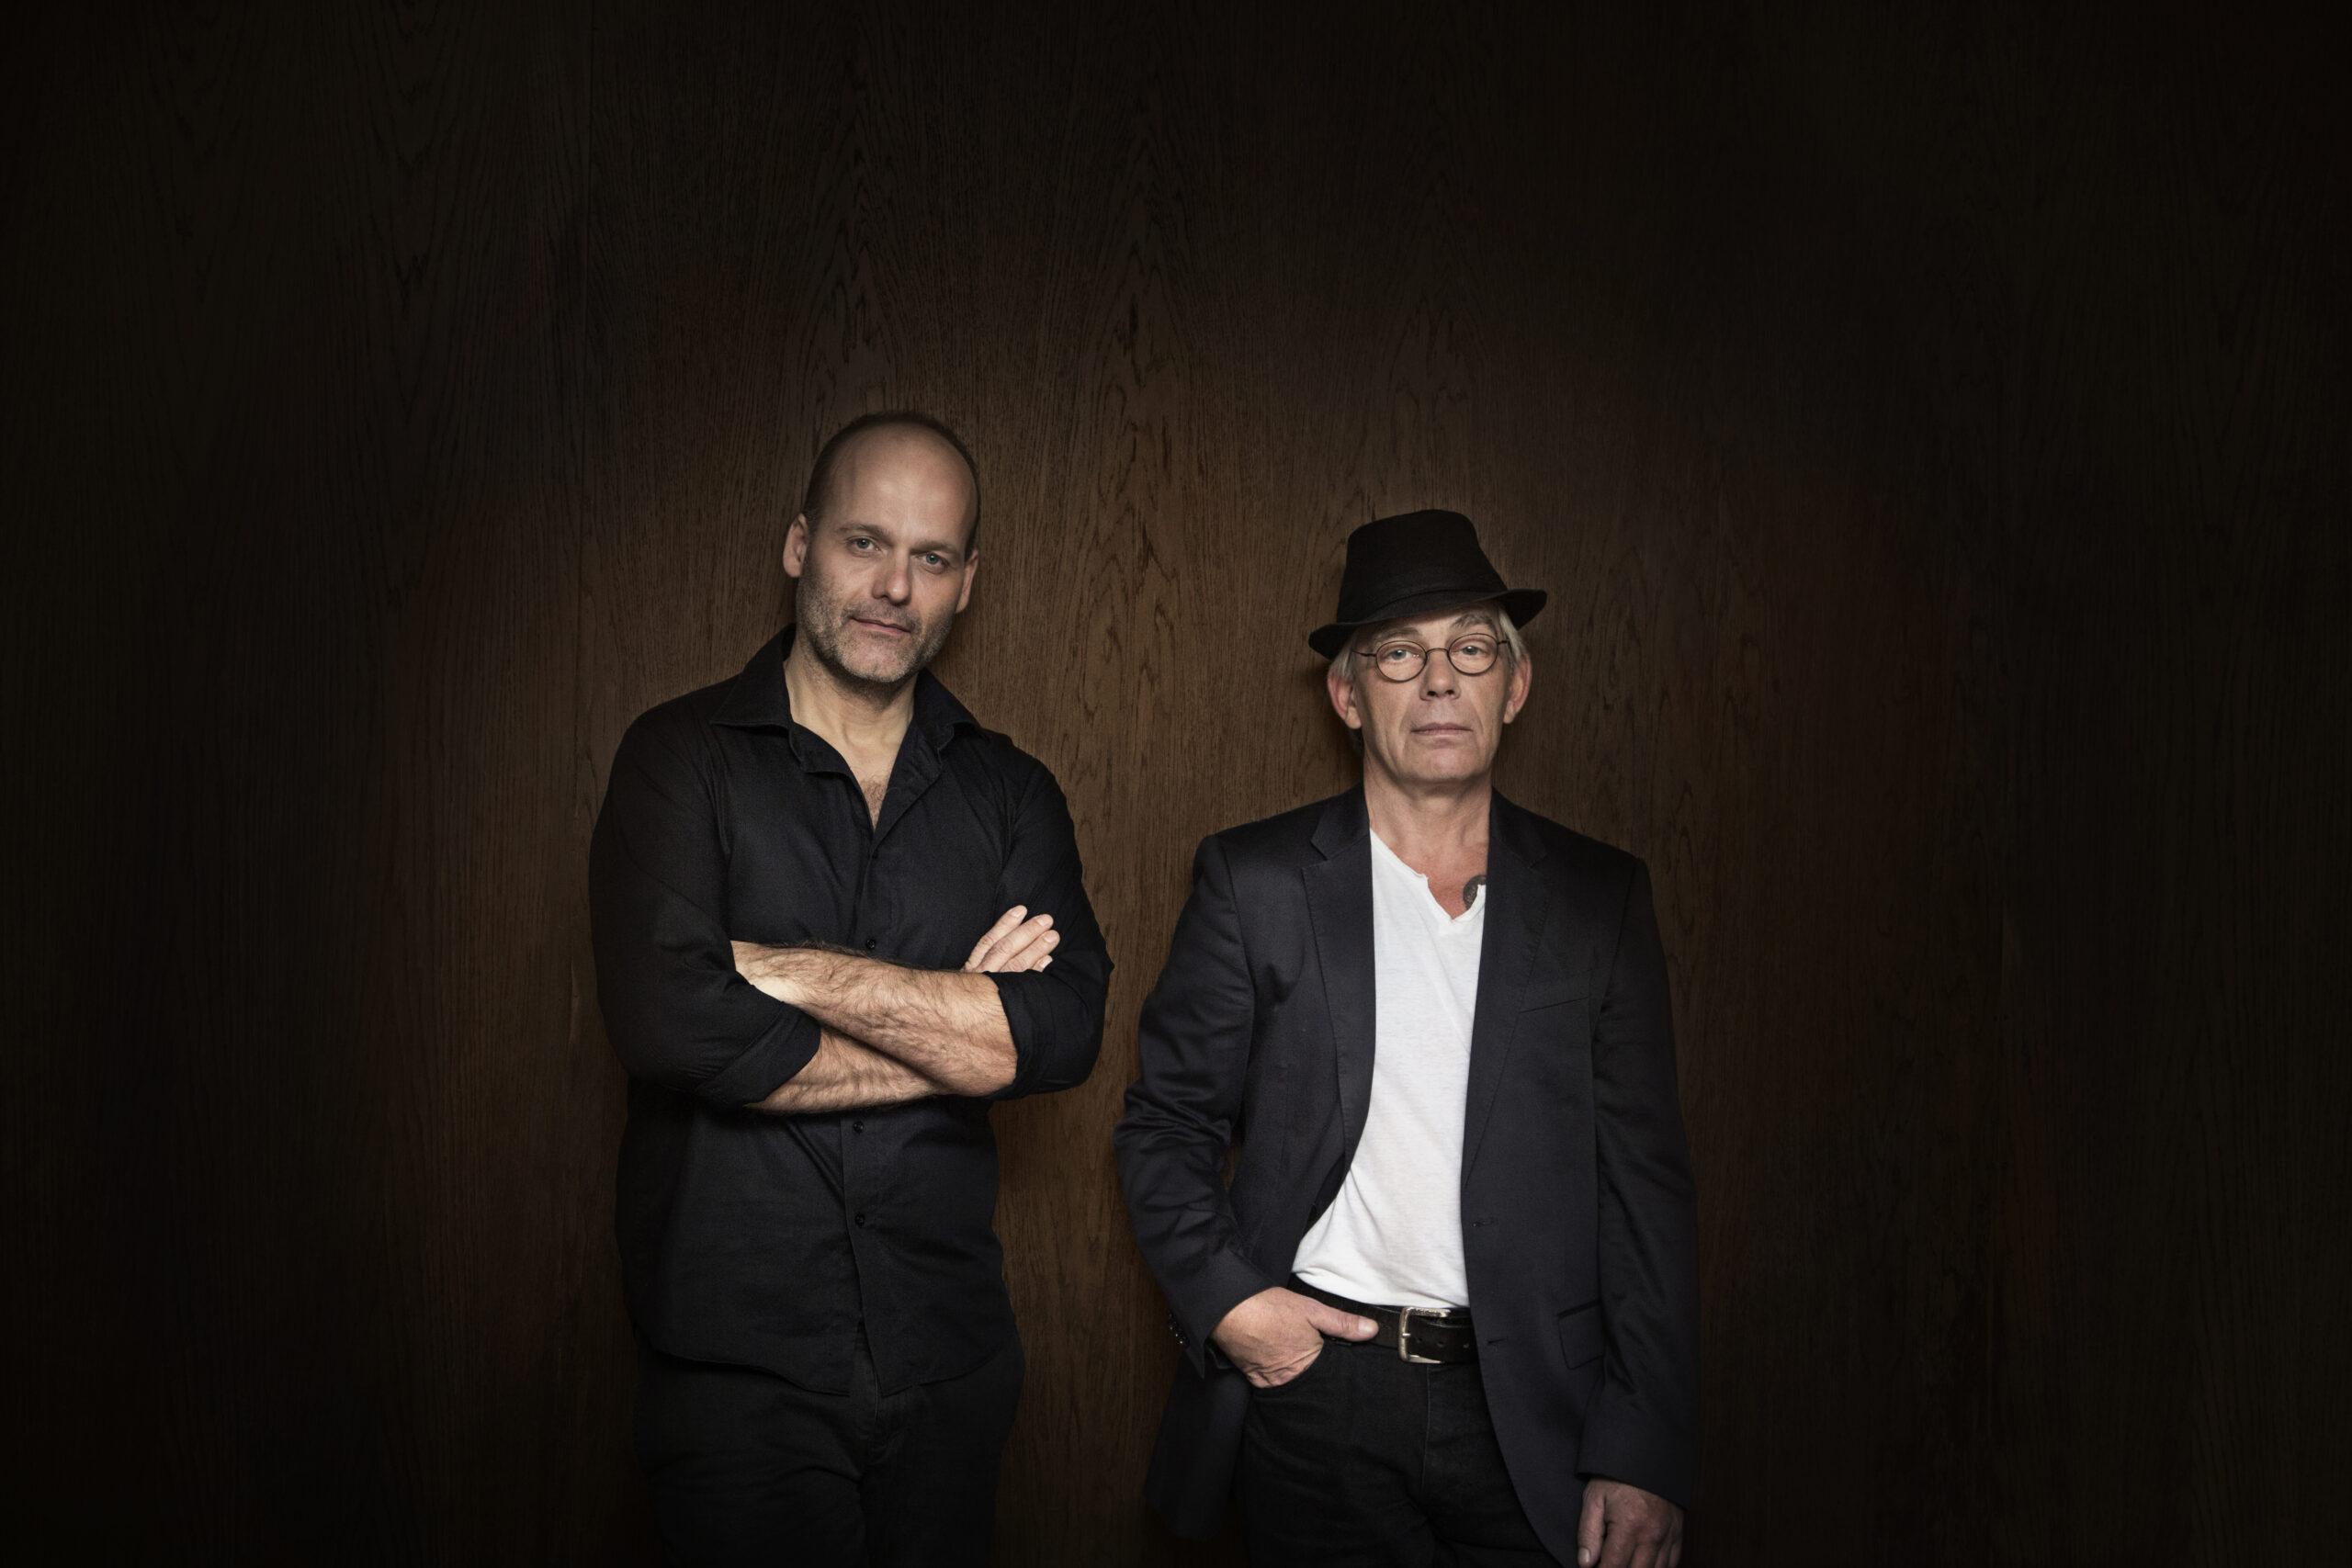 Jess Holtsø & Morten Wittrock Band på Græsted Kro